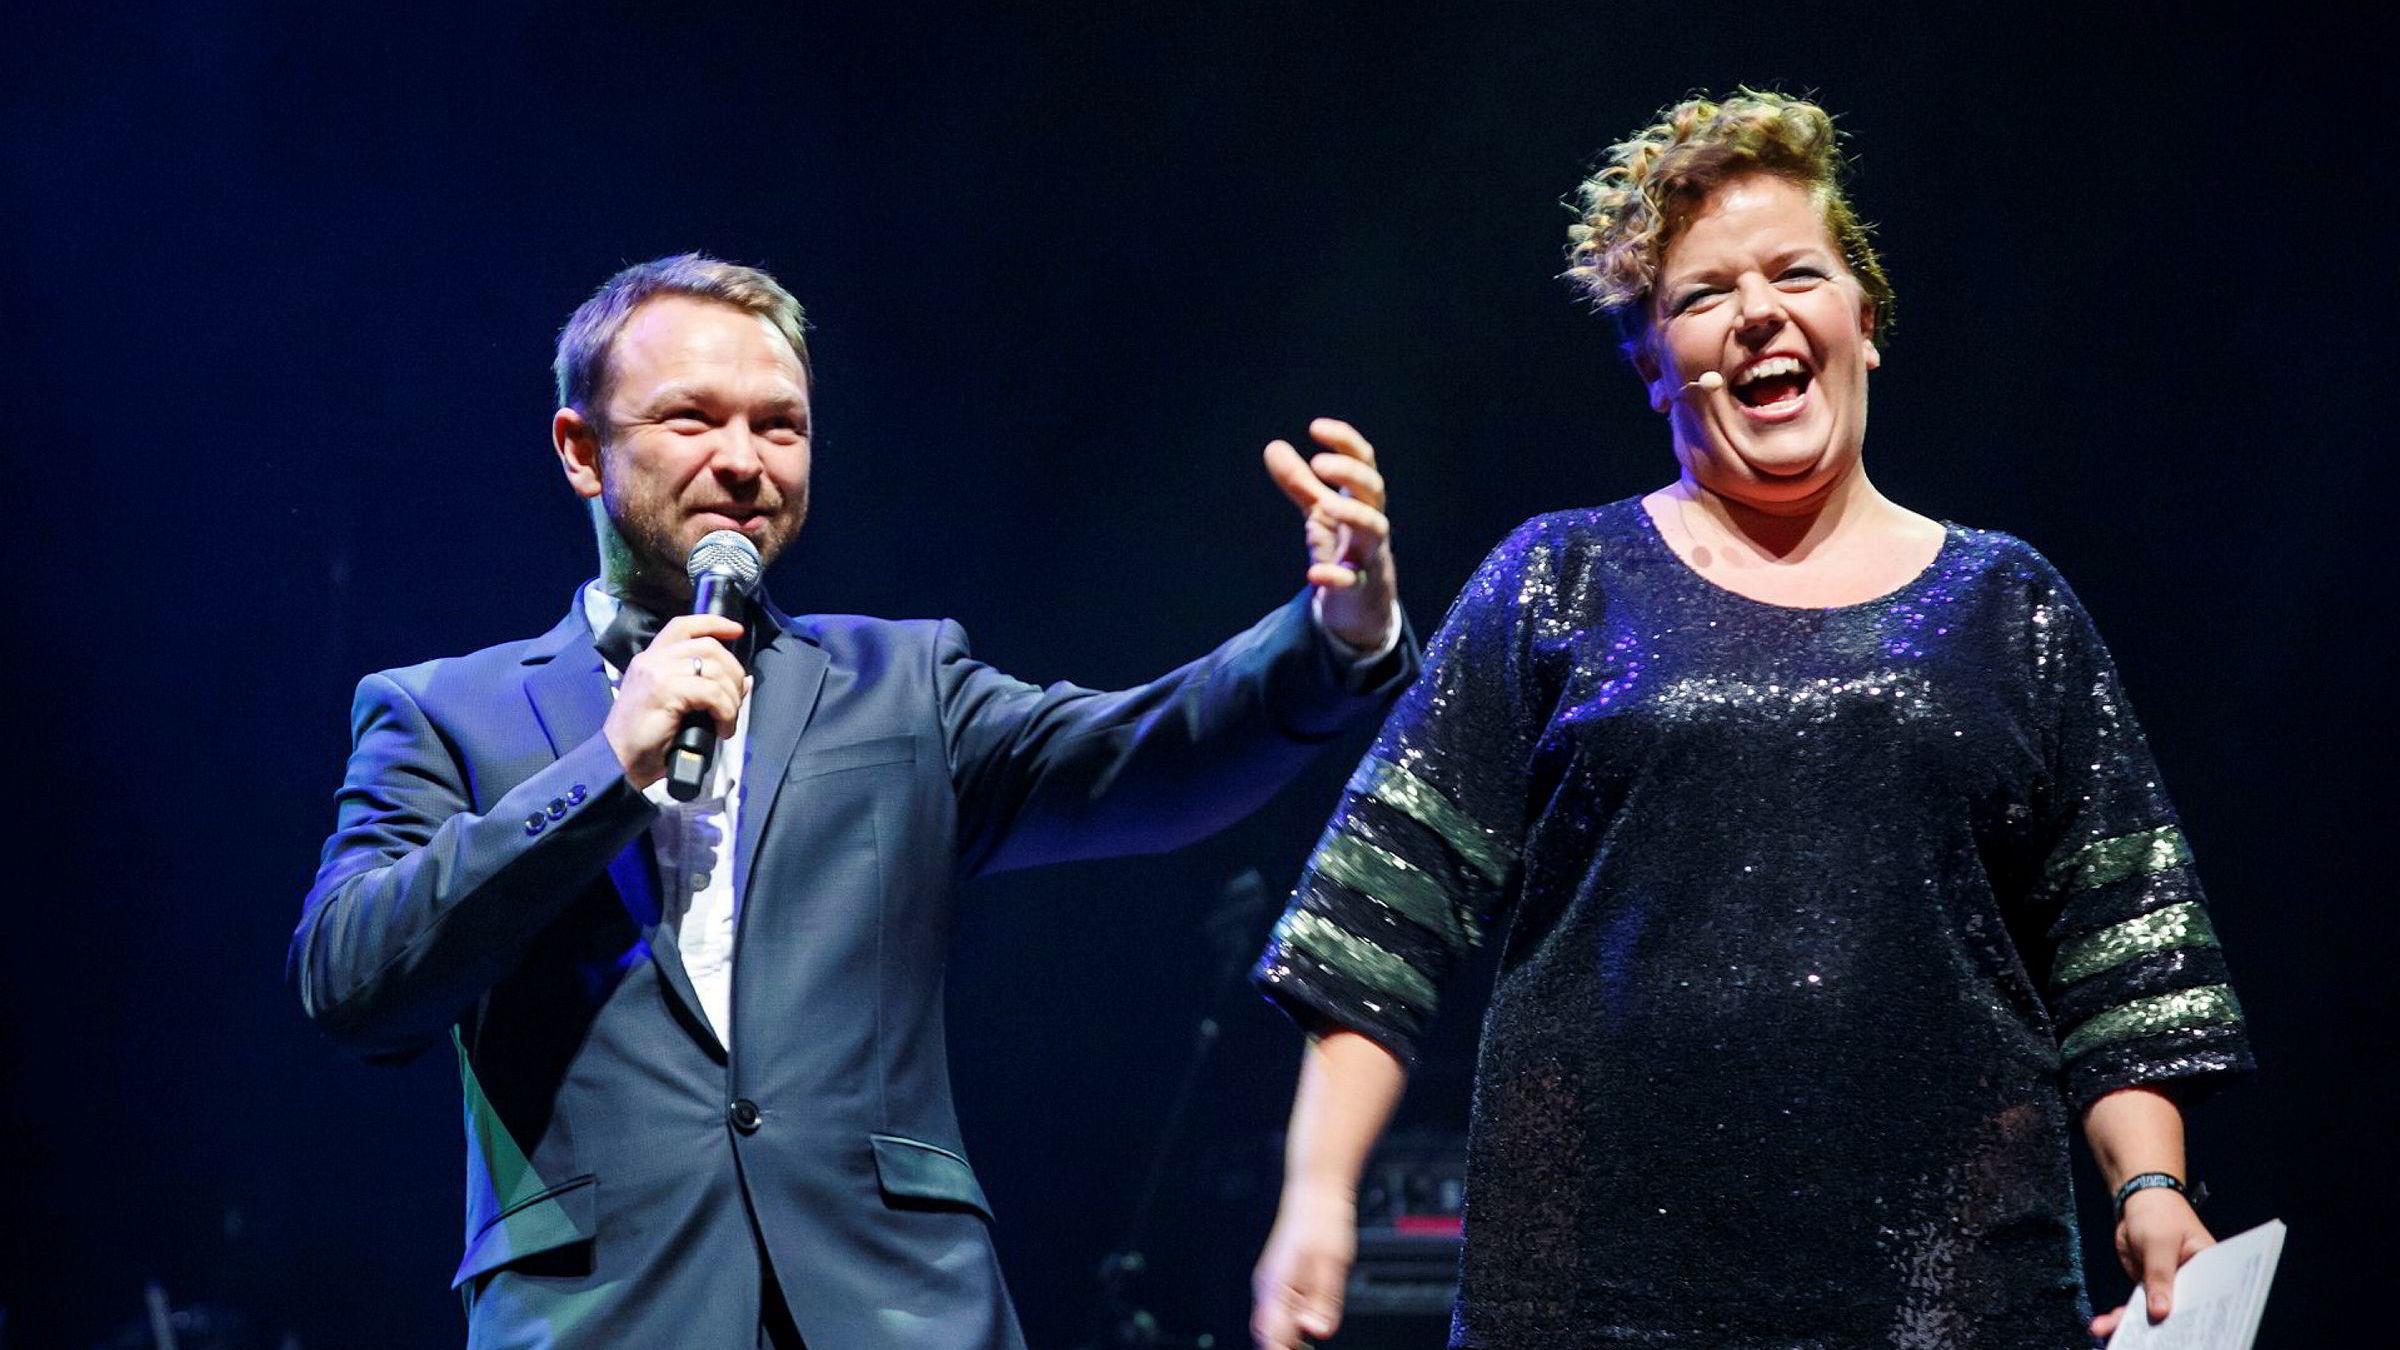 John Brungot har opptrådt på flere arrangementer de siste årene. Her er han sammen med komikerkollega Else Kåss Furuseth under en artistdugnad for flyktninger i 2015.